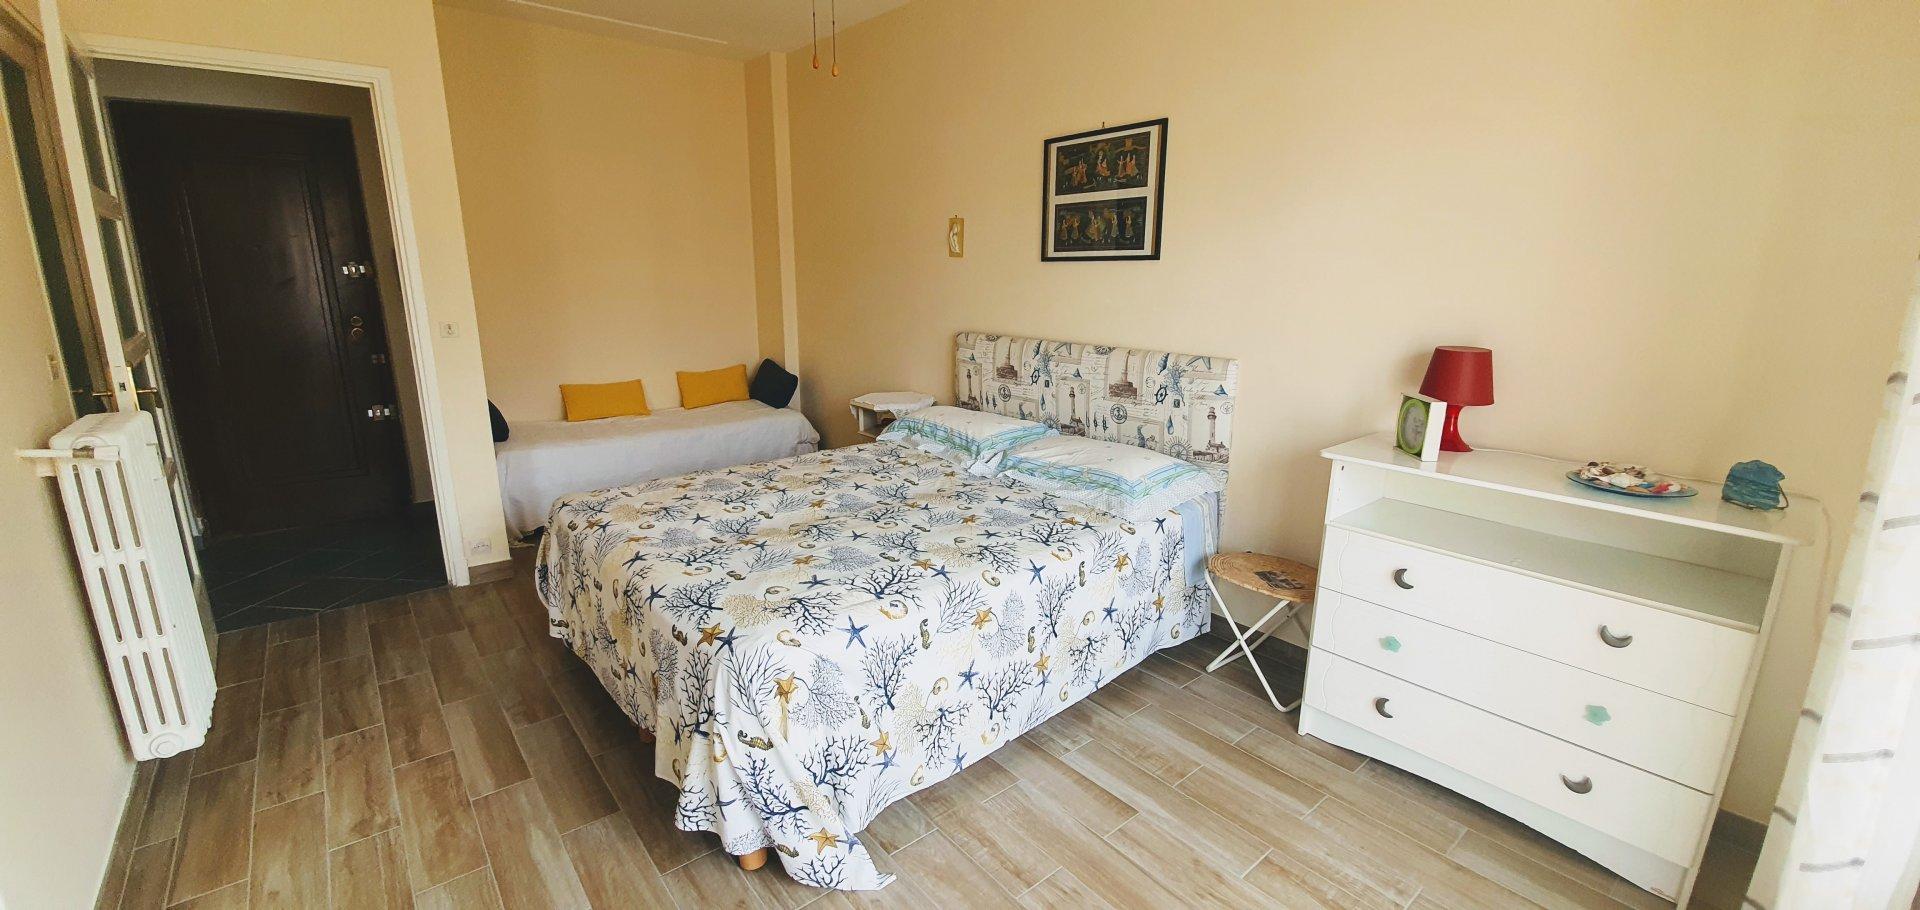 Nice Rue de France - Nice 1 bedroom apt and terrace 5th floor